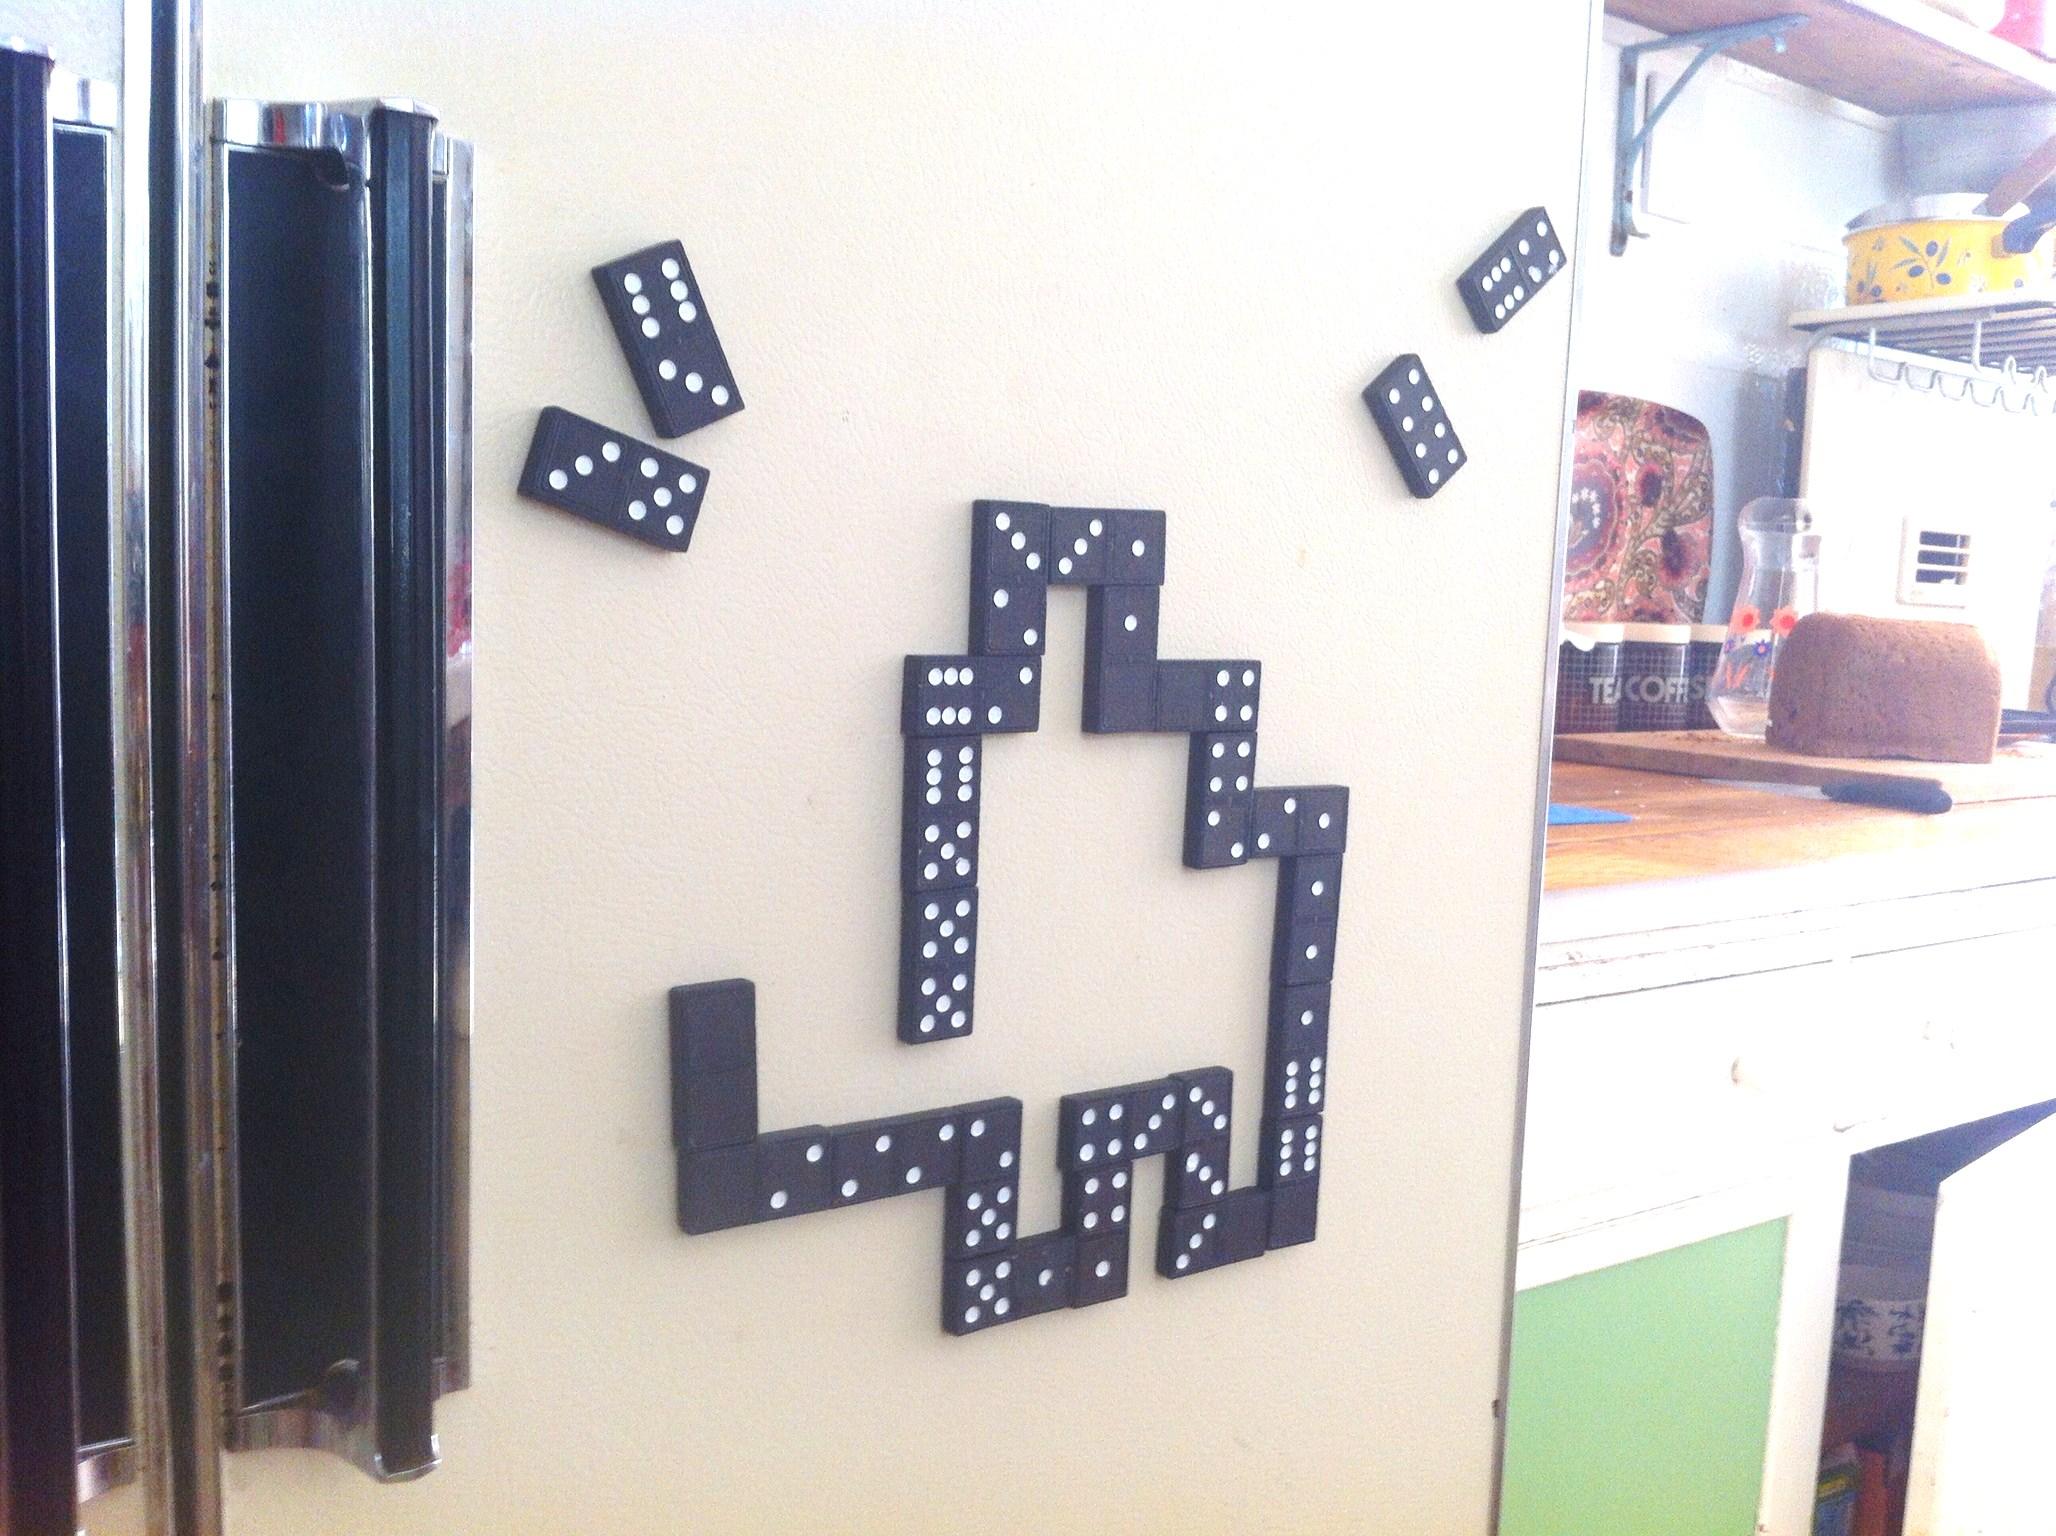 Fridge Magnets Lulastic And The Hippyshake